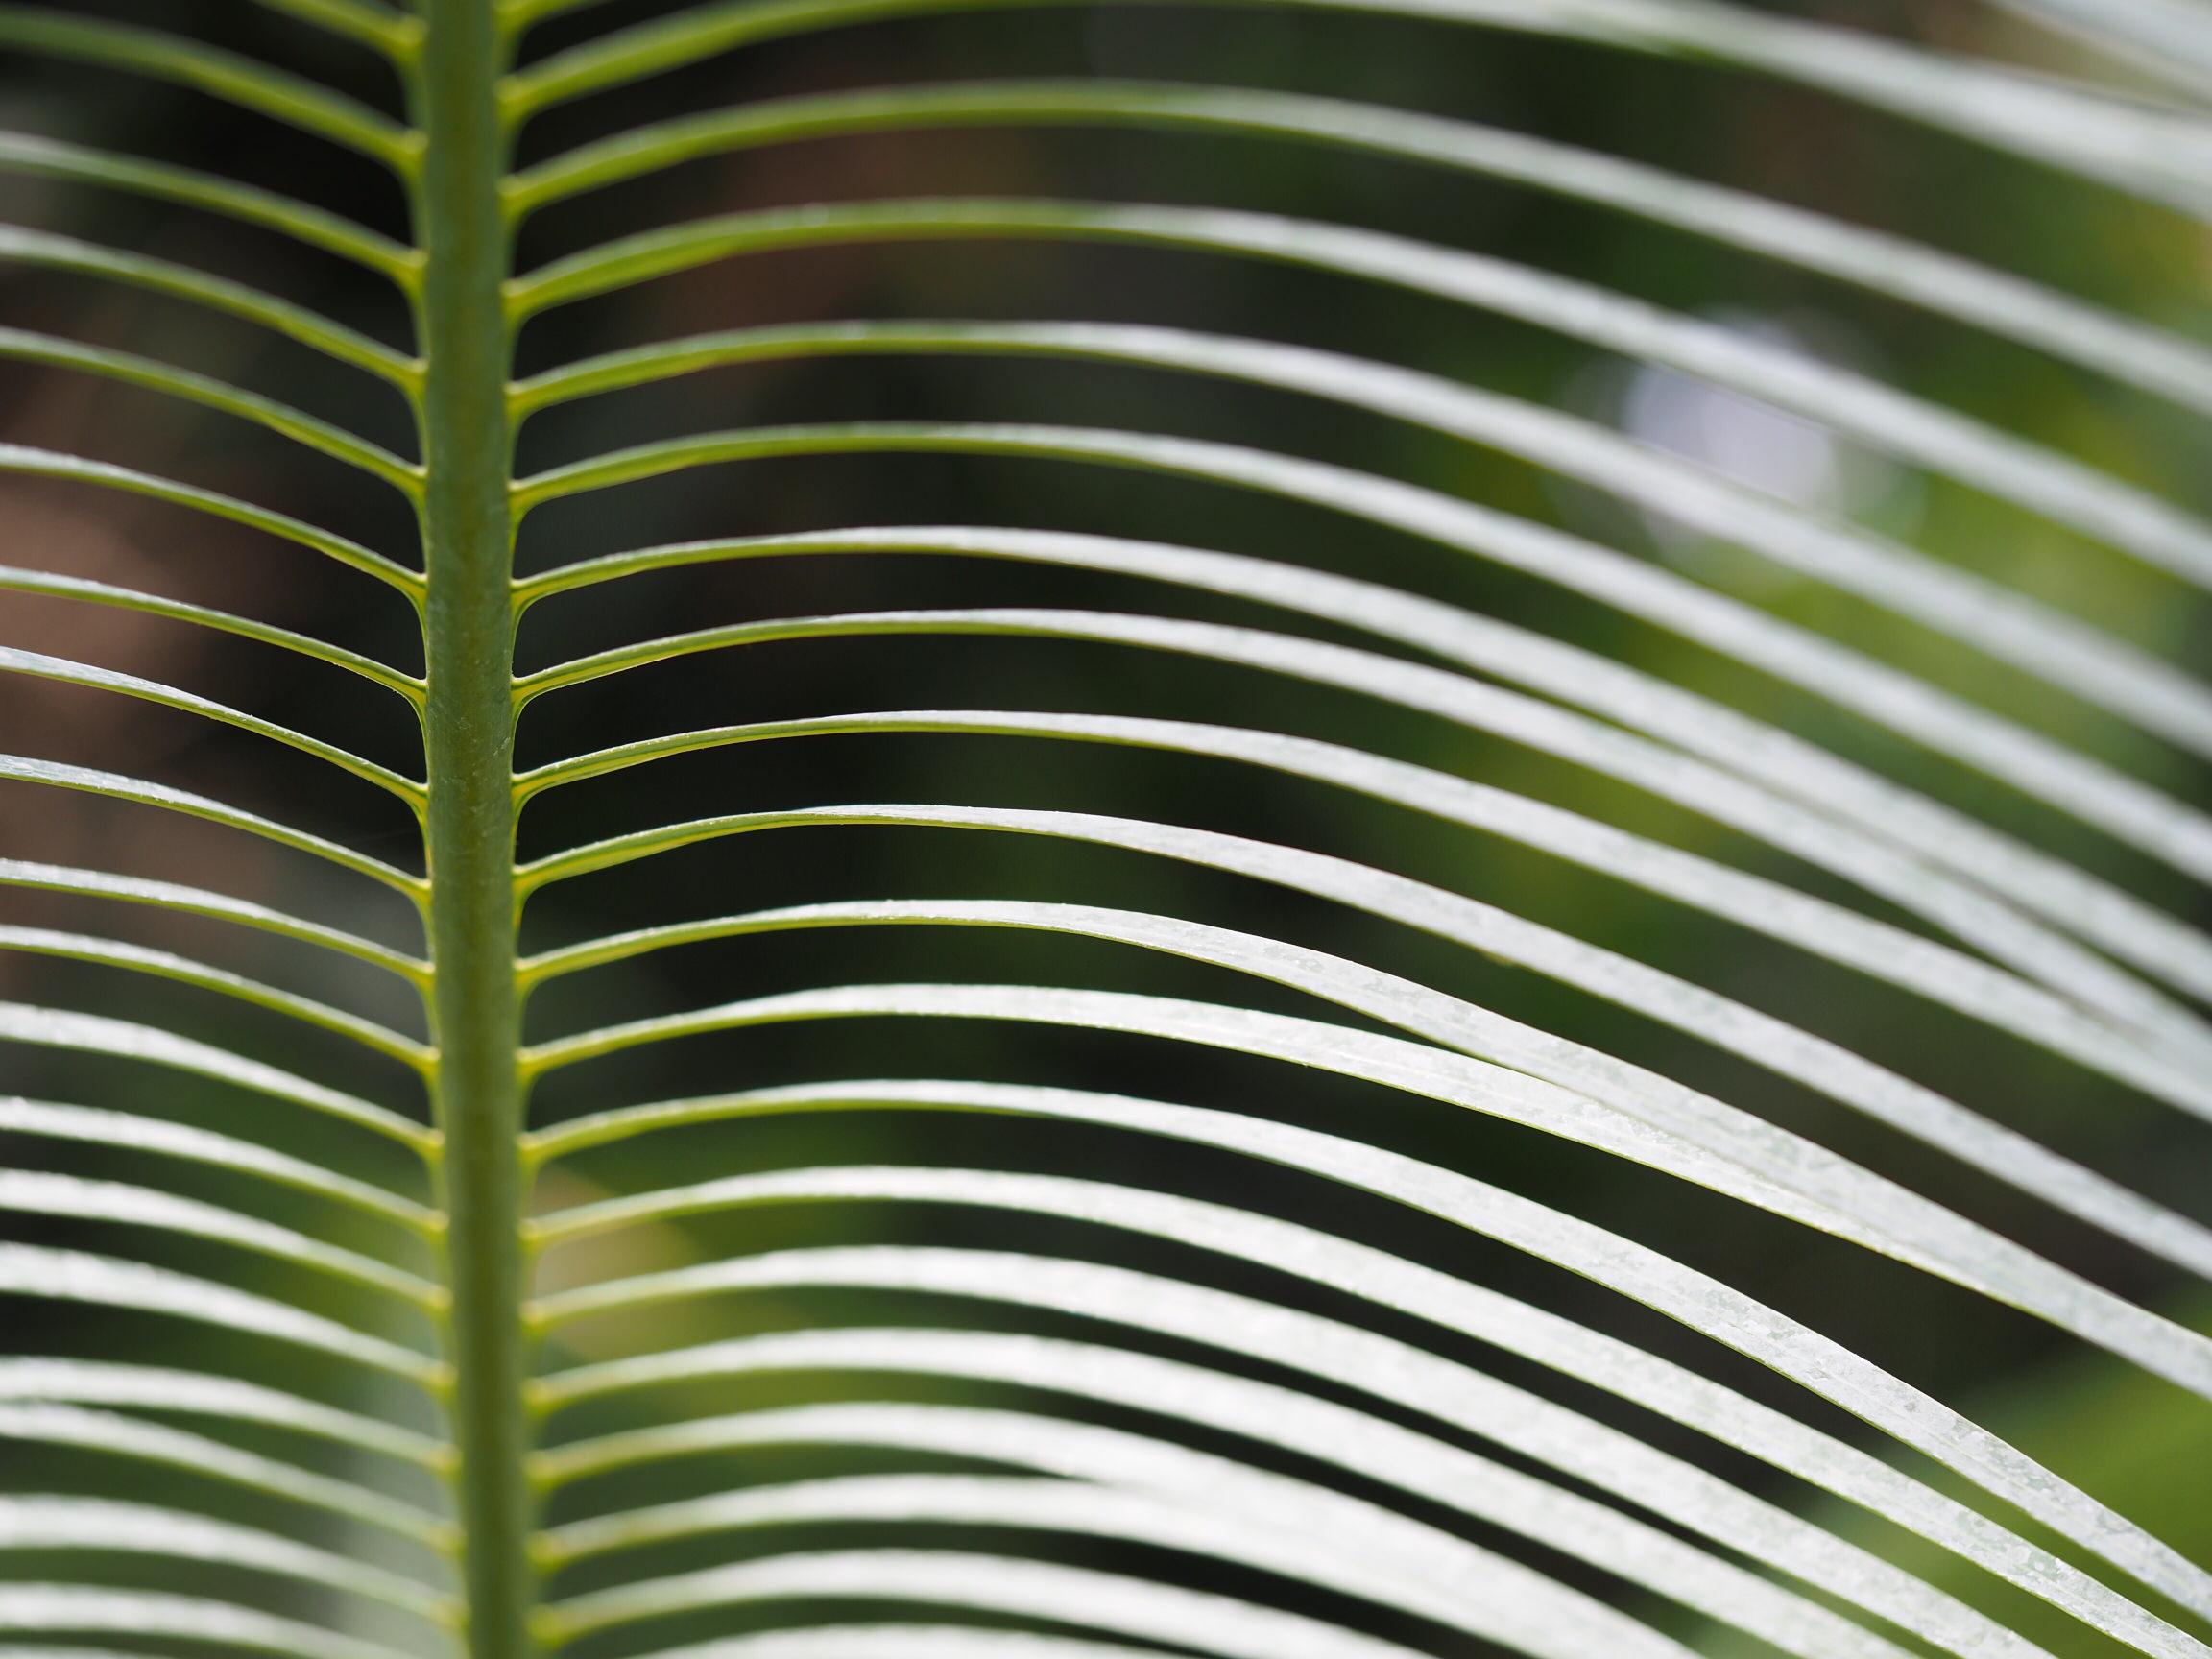 葉っぱのユニークな造形は主役にもなる! 葉っぱアートフォト9選